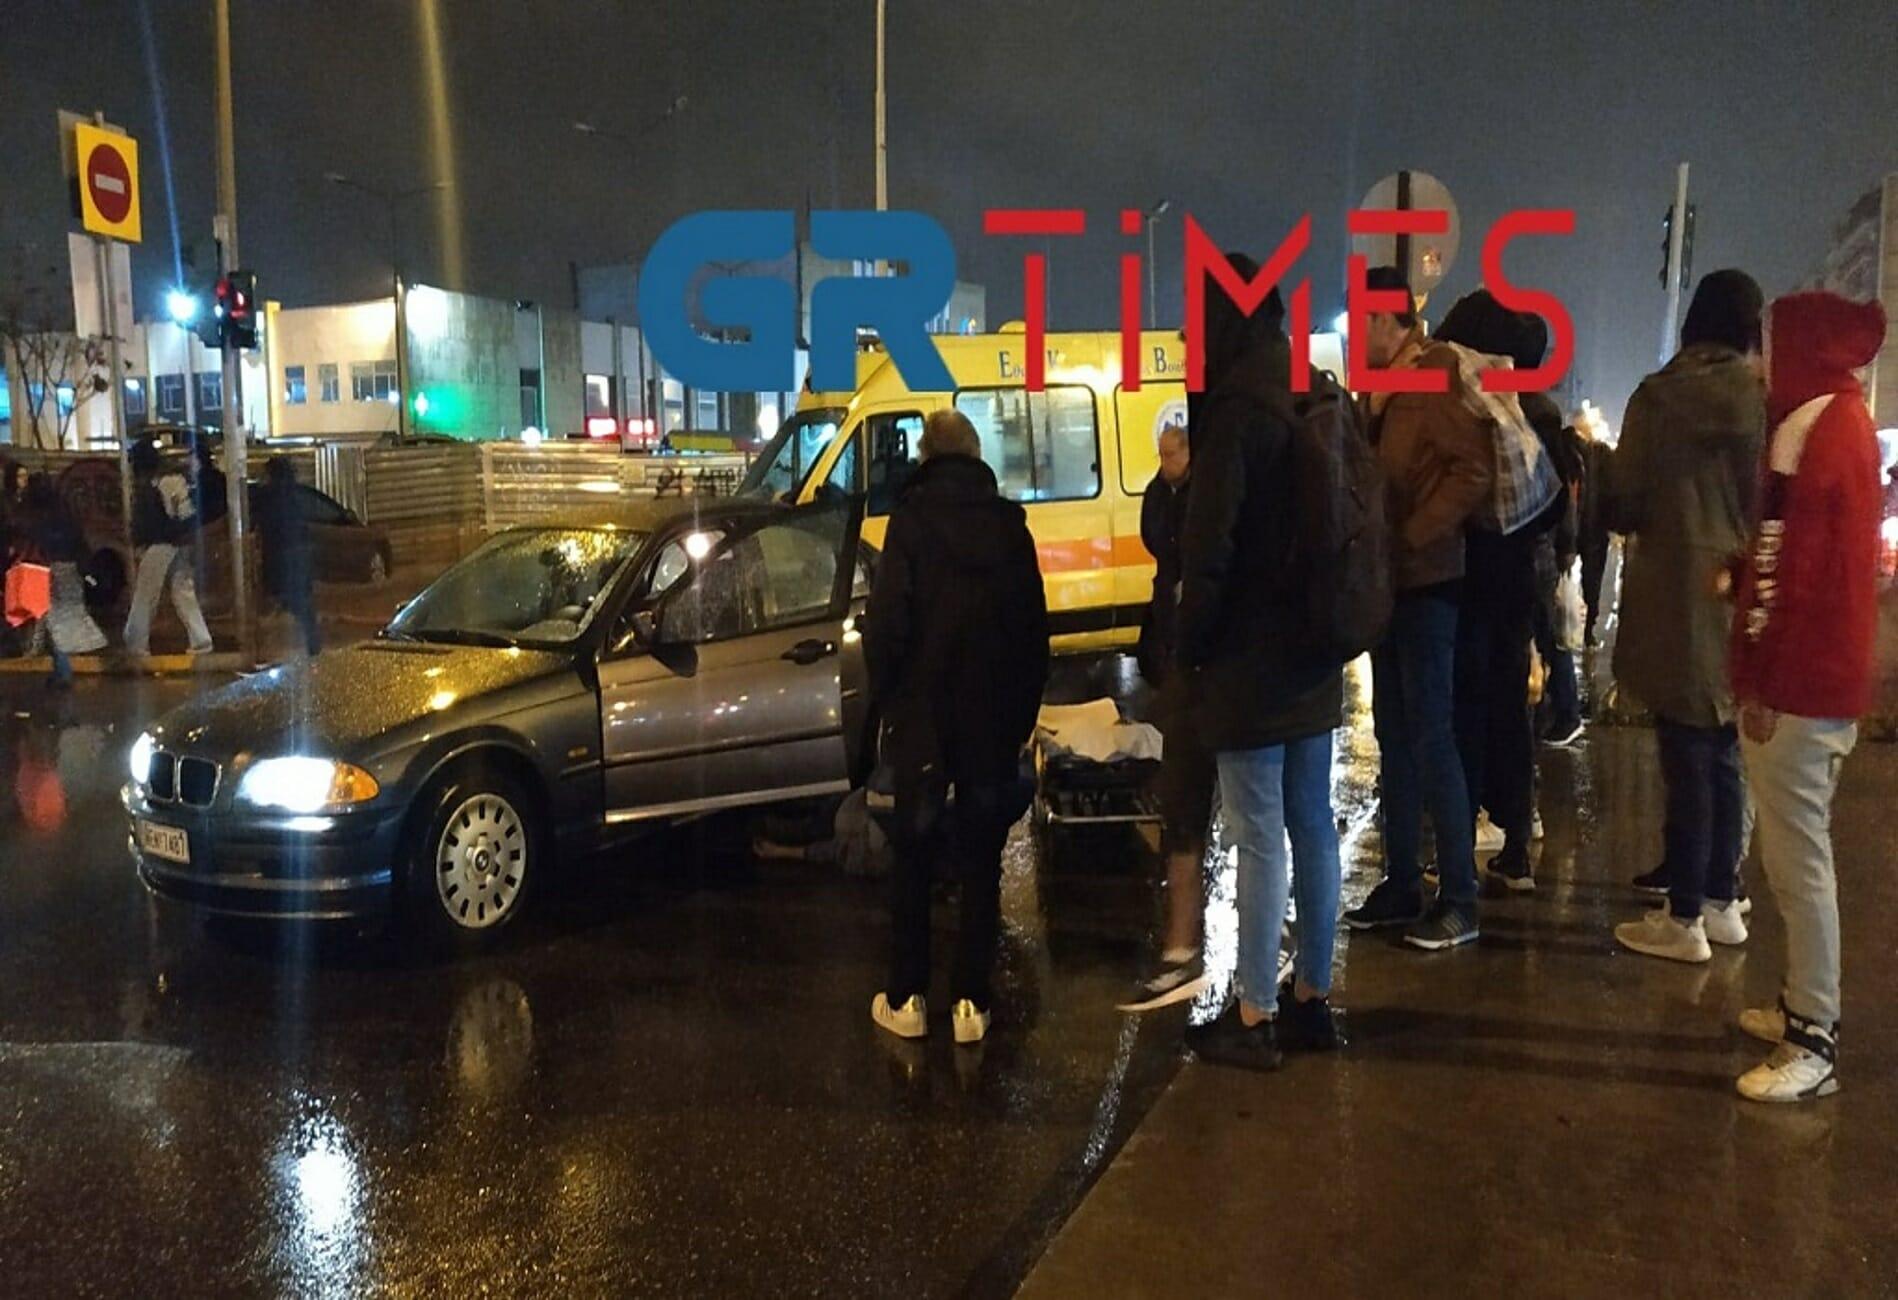 Θεσσαλονίκη: Σοβαρός τραυματισμός άνδρα που παρασύρθηκε από ΙΧ